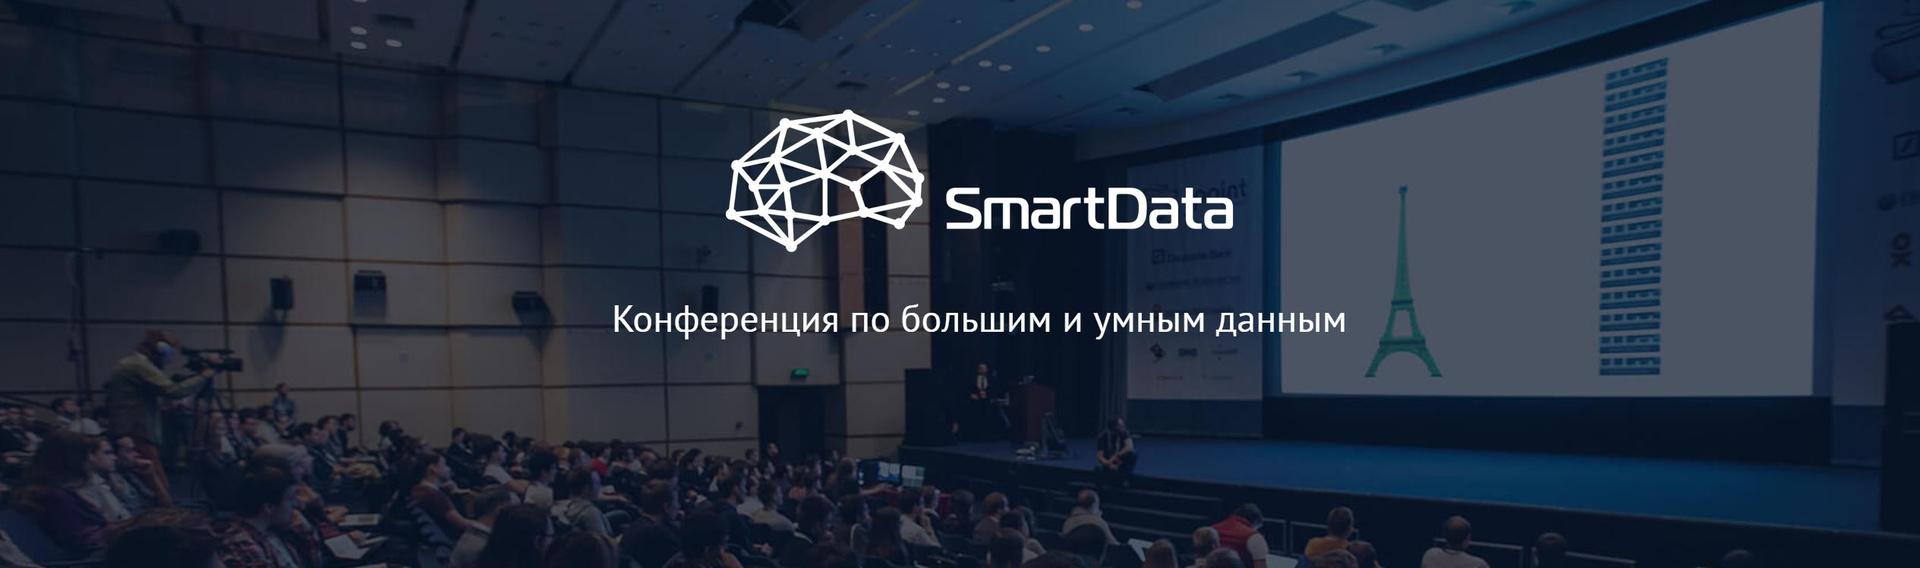 Анонс SmartData 2017 Piter: Можно ли говорить о больших и умных данных без булшиттинга?